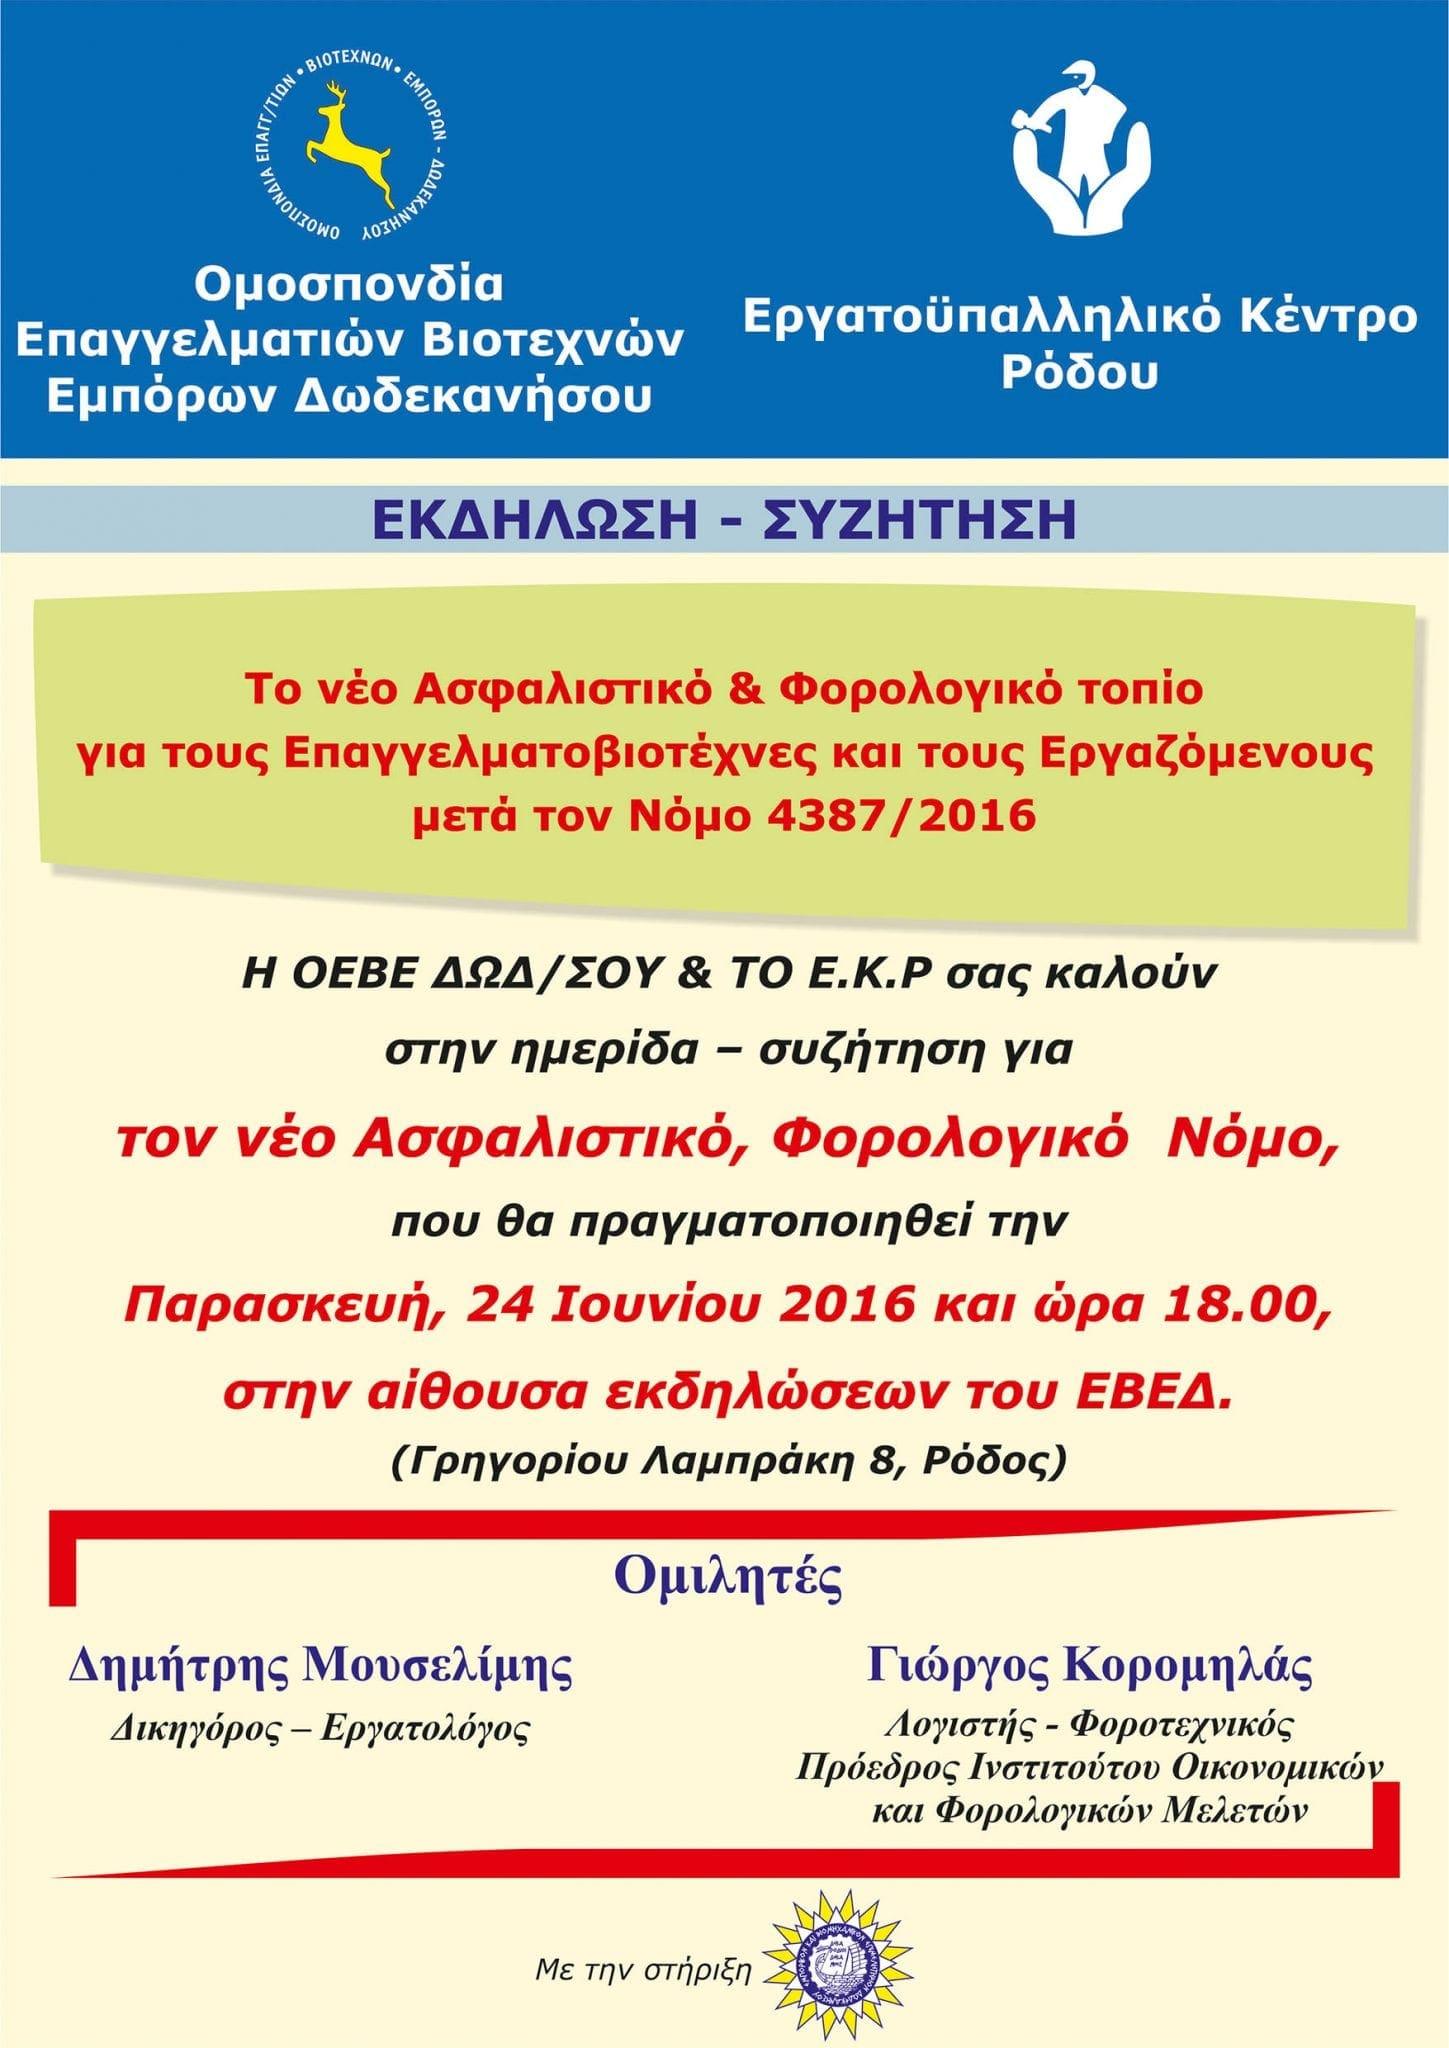 ΑΦΙΣΑ ΗΜΕΡΙΔΑΣ ΓΙΑ ΑΣΦΑΛΙΣΤΙΚΟ ΚΑΙ ΦΟΡΟΛΟΓΙΚΟ